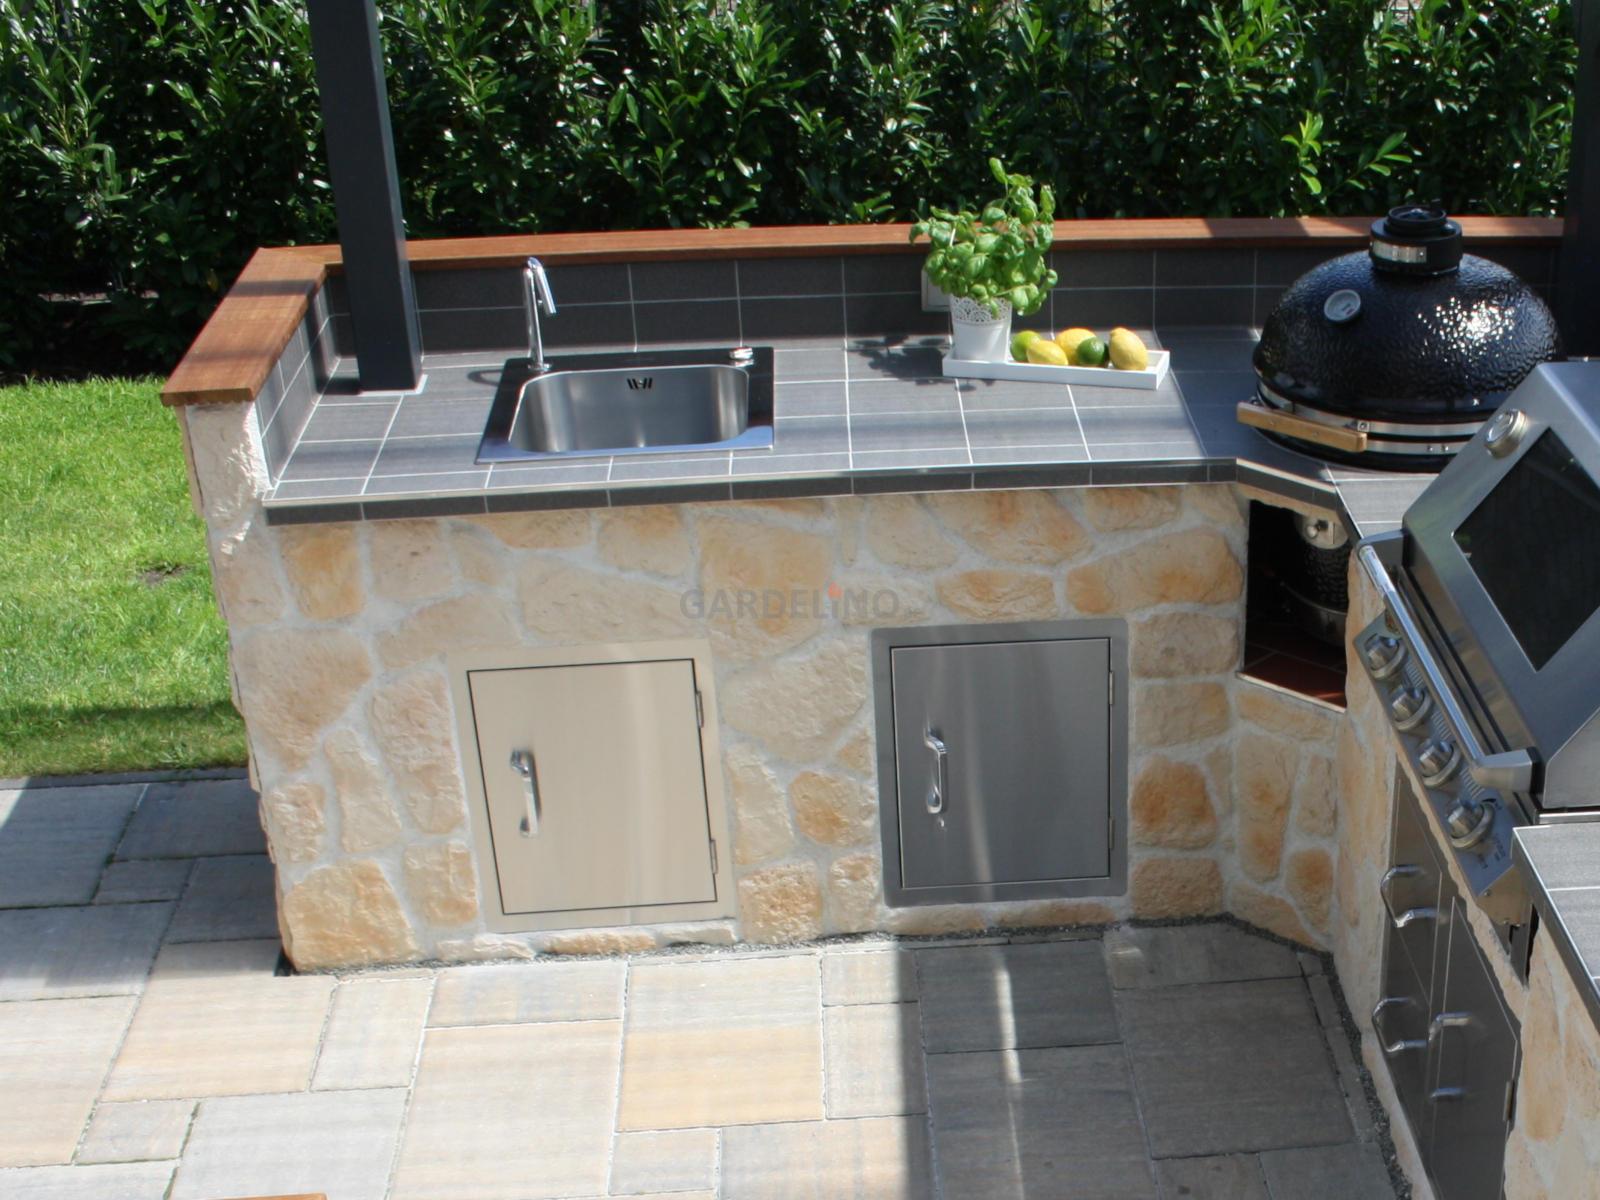 Full Size of Badezimmer Waschbecken Outdoor Küche Edelstahl Bad Keramik Kaufen Wohnzimmer Outdoor Waschbecken